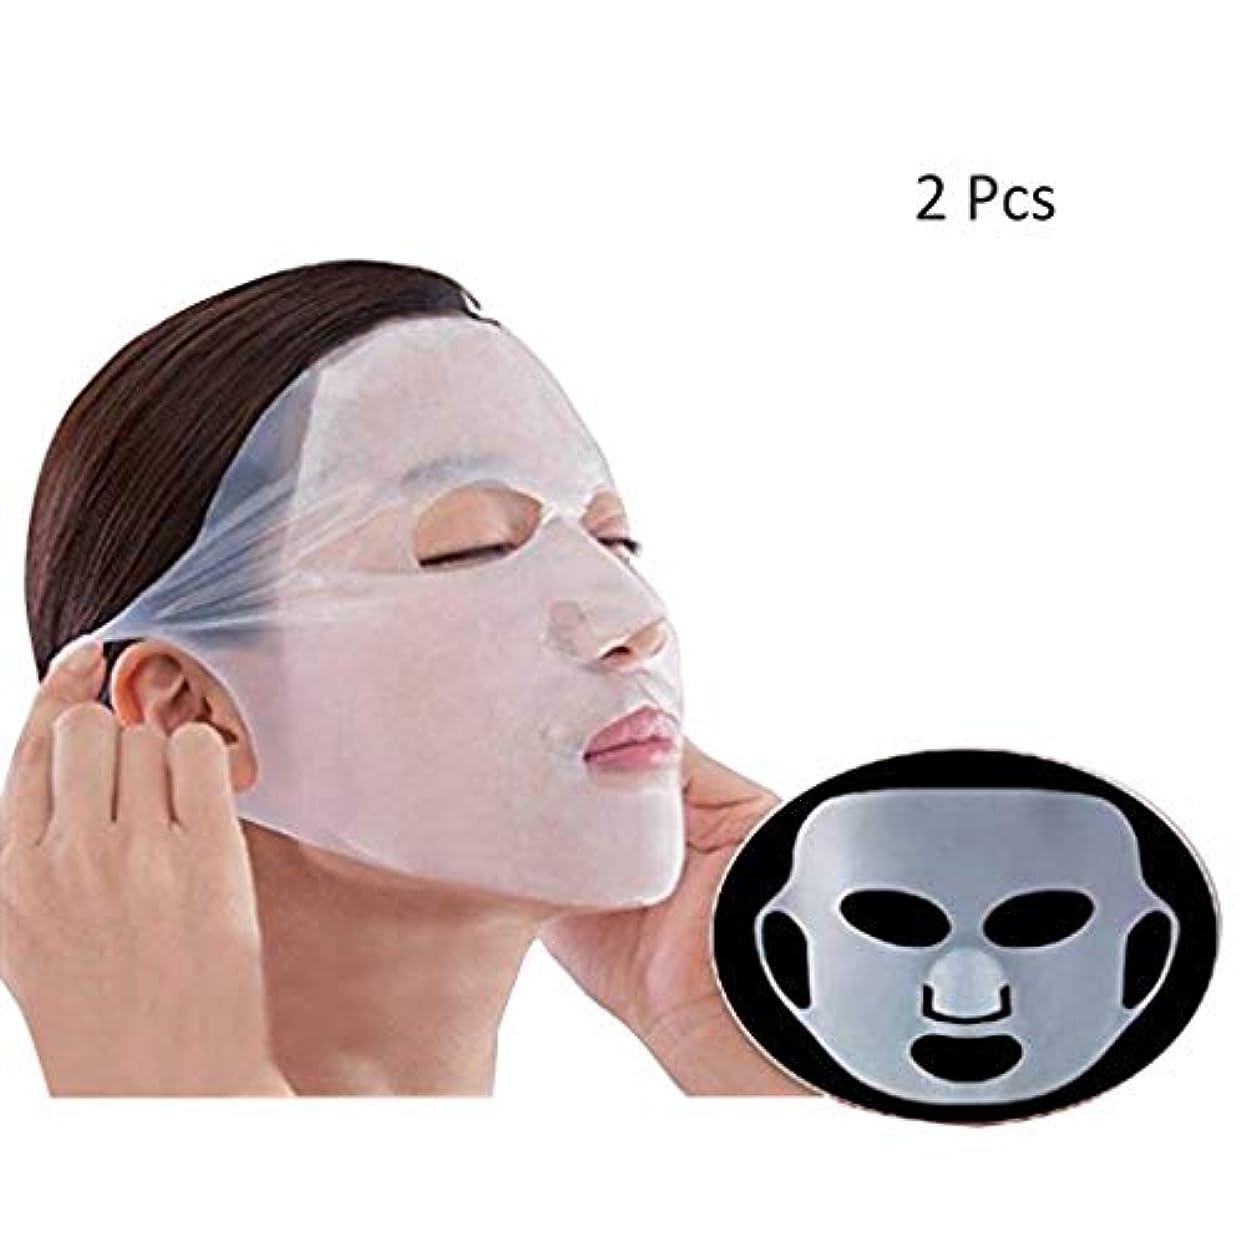 偽造管理者溶かすシリコンマスク 2点セット 潤マスク フェイスマスク フェイスパック 3D 美トレ モイストラップ 保湿